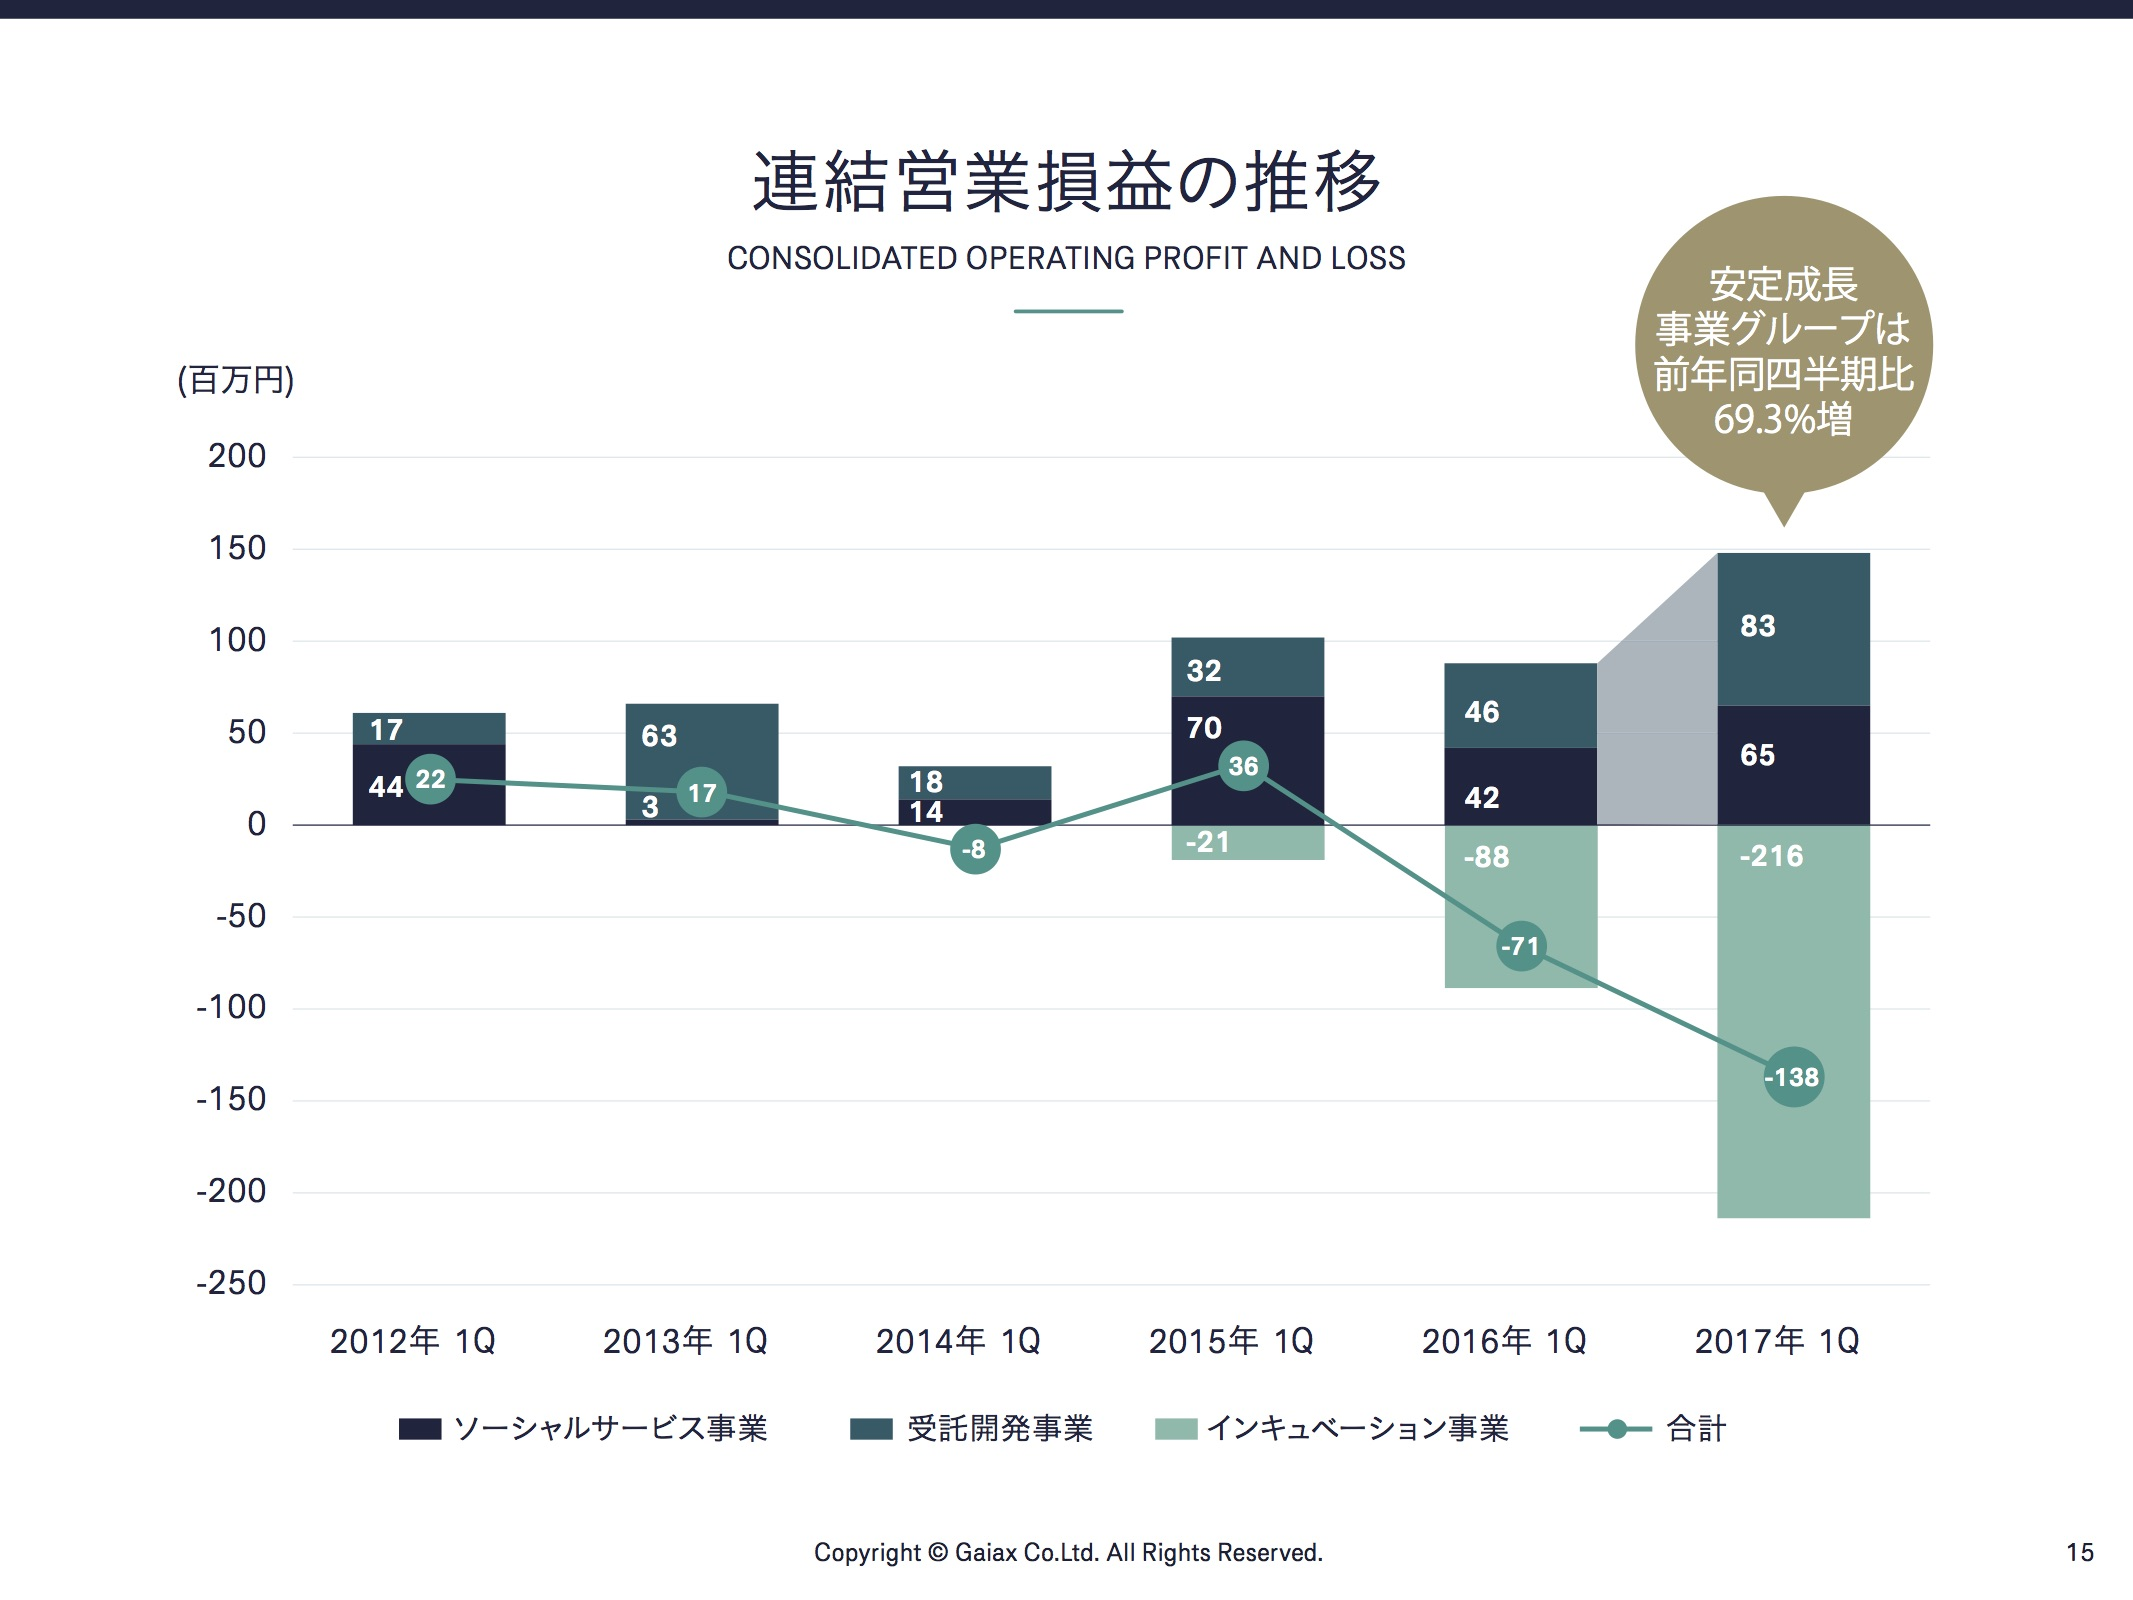 連結営業損益の推移